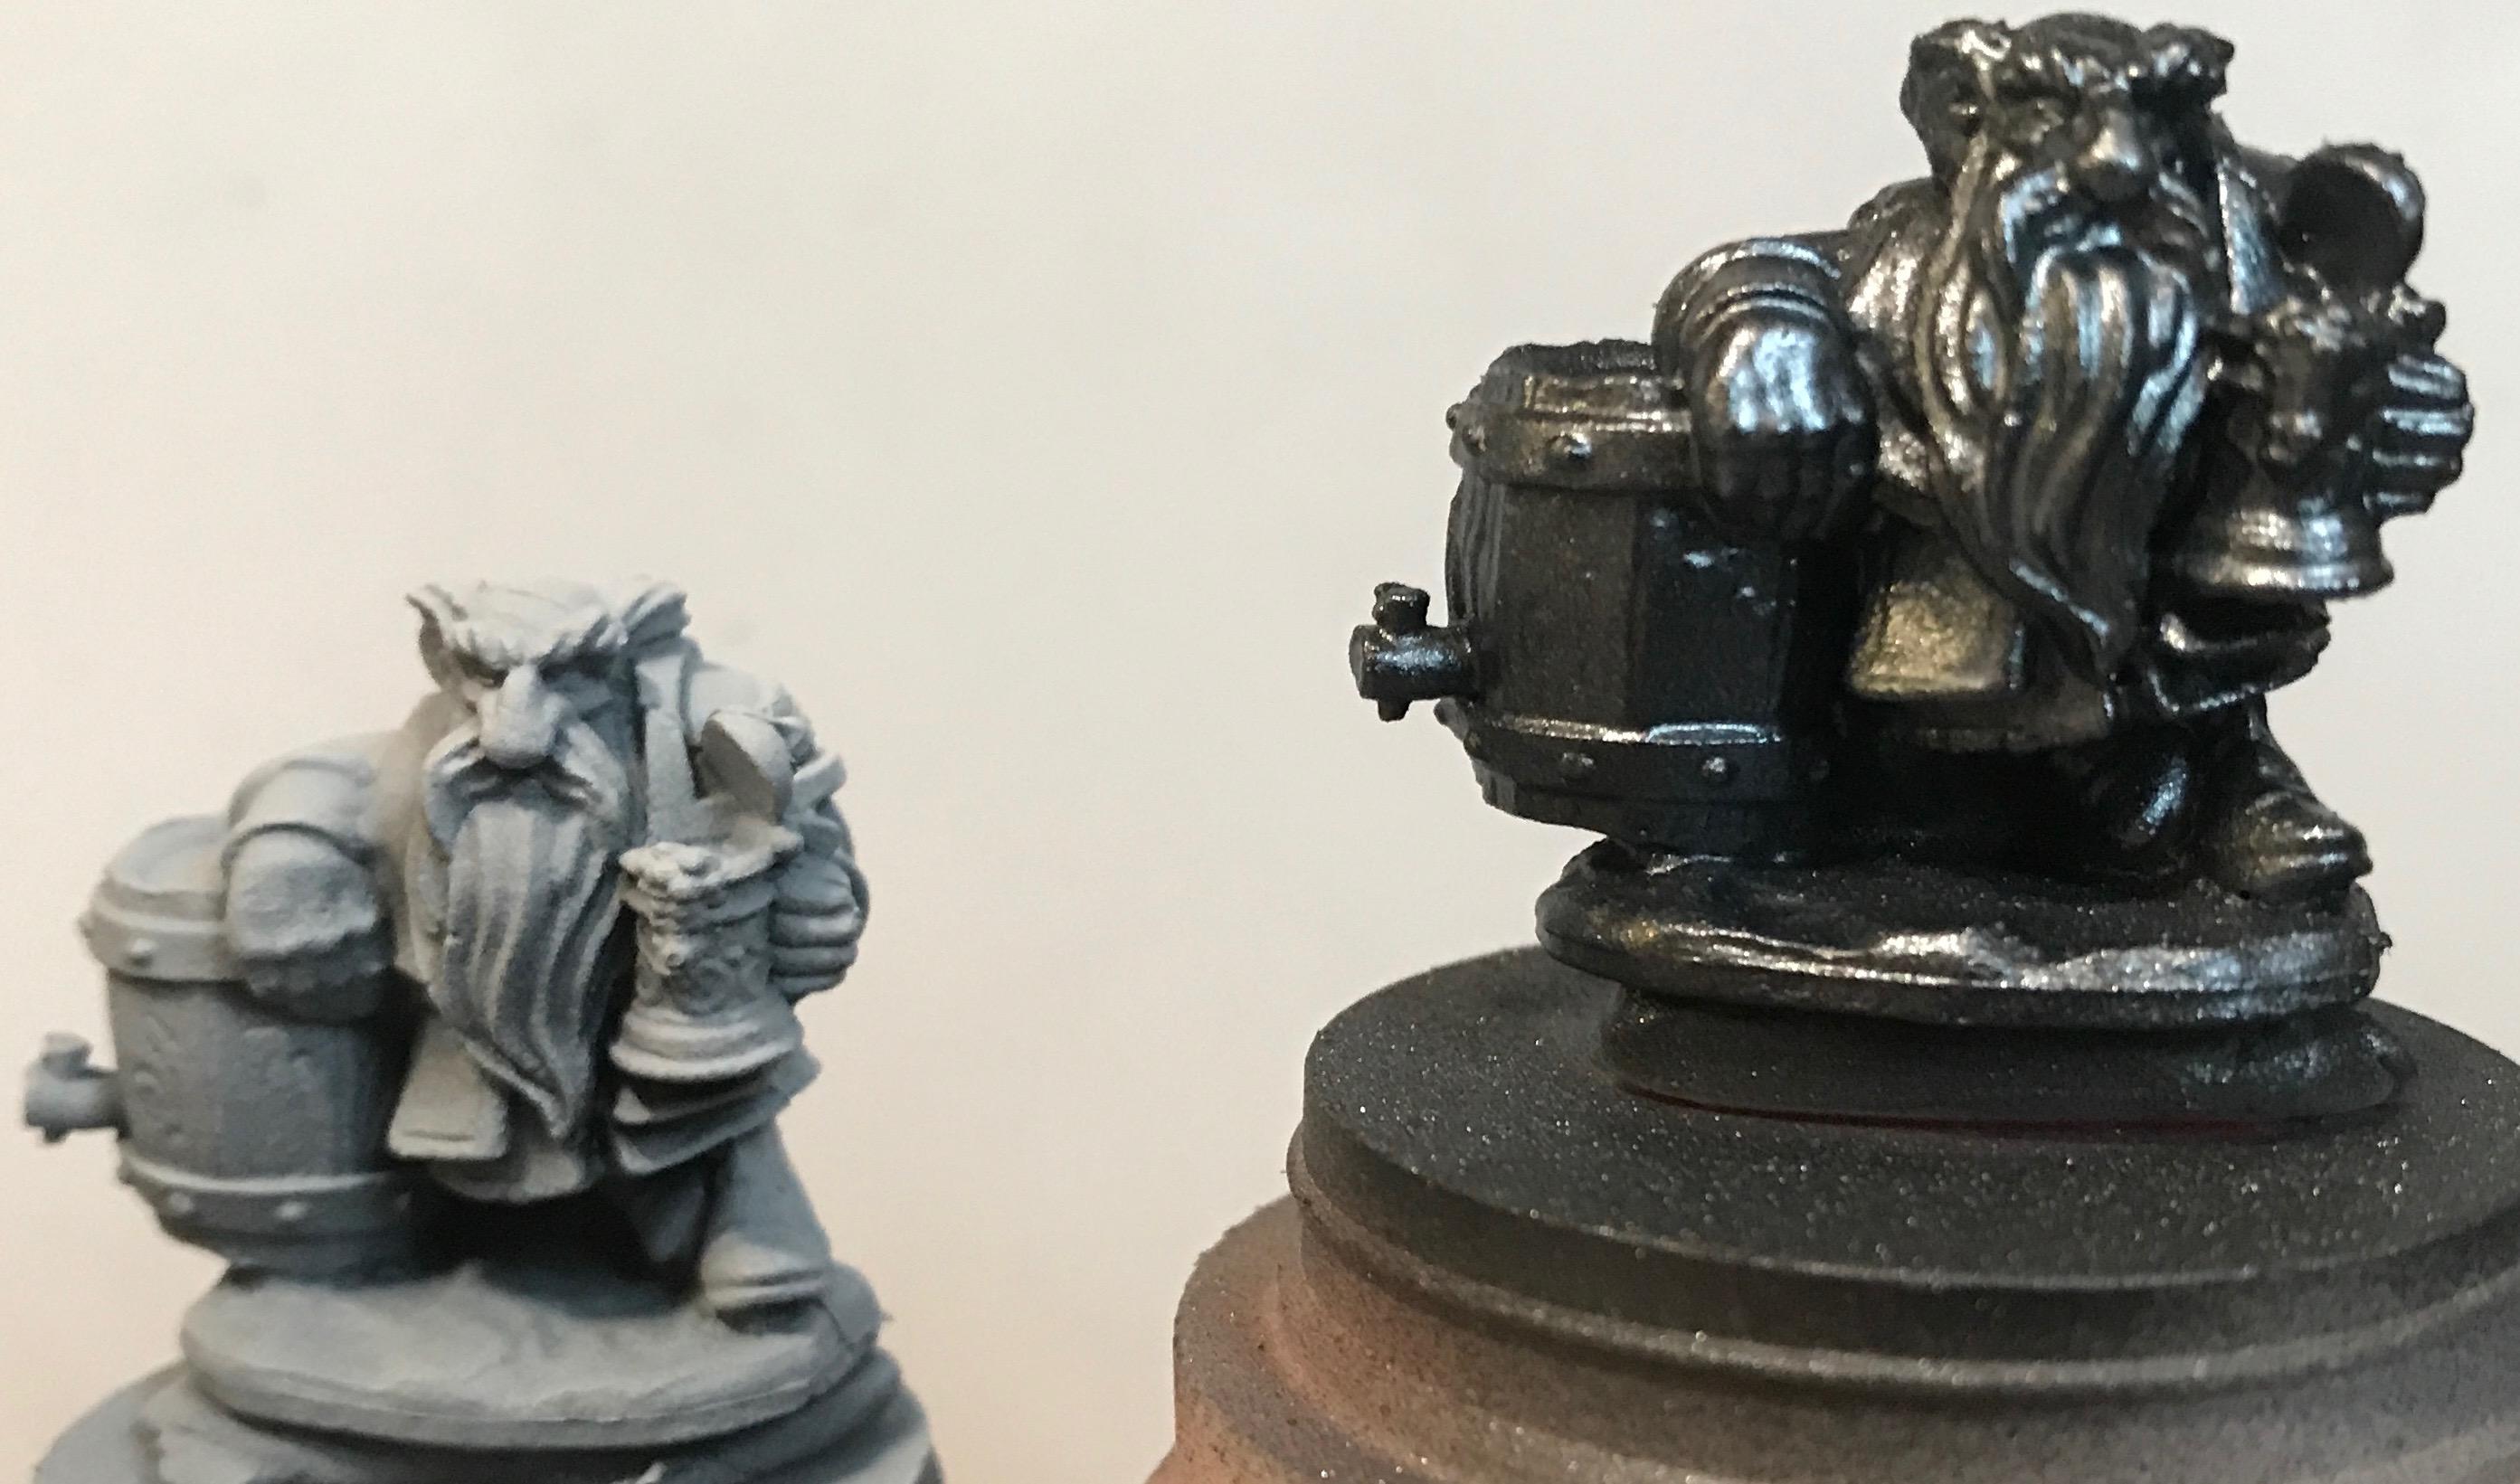 Dwarves = gray zenithal vs metal zenithal